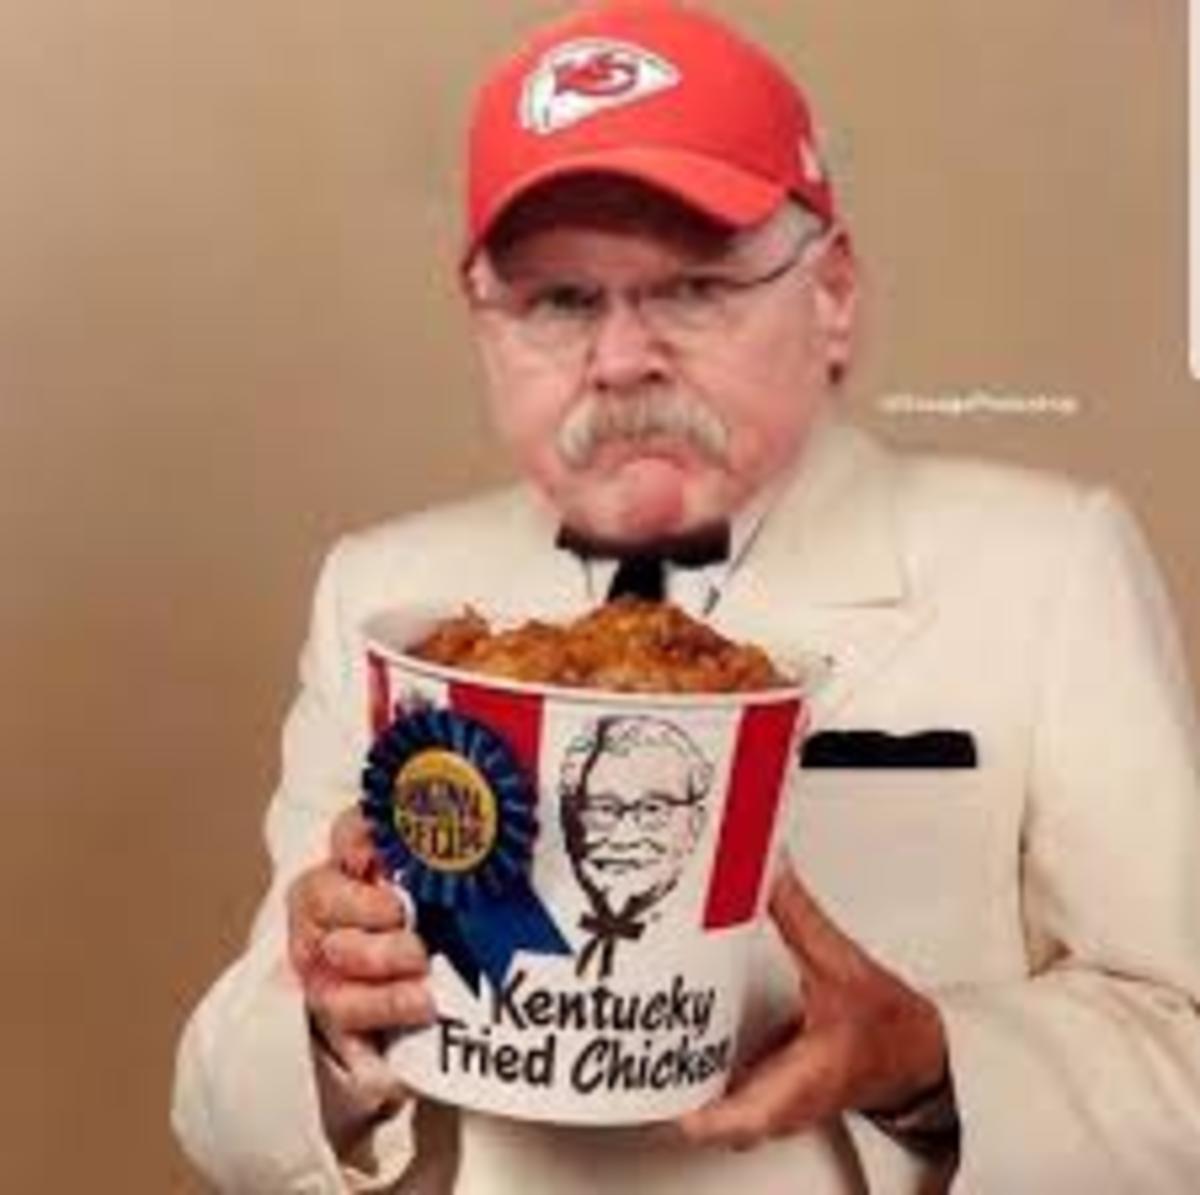 K.C. or KFC? Source.